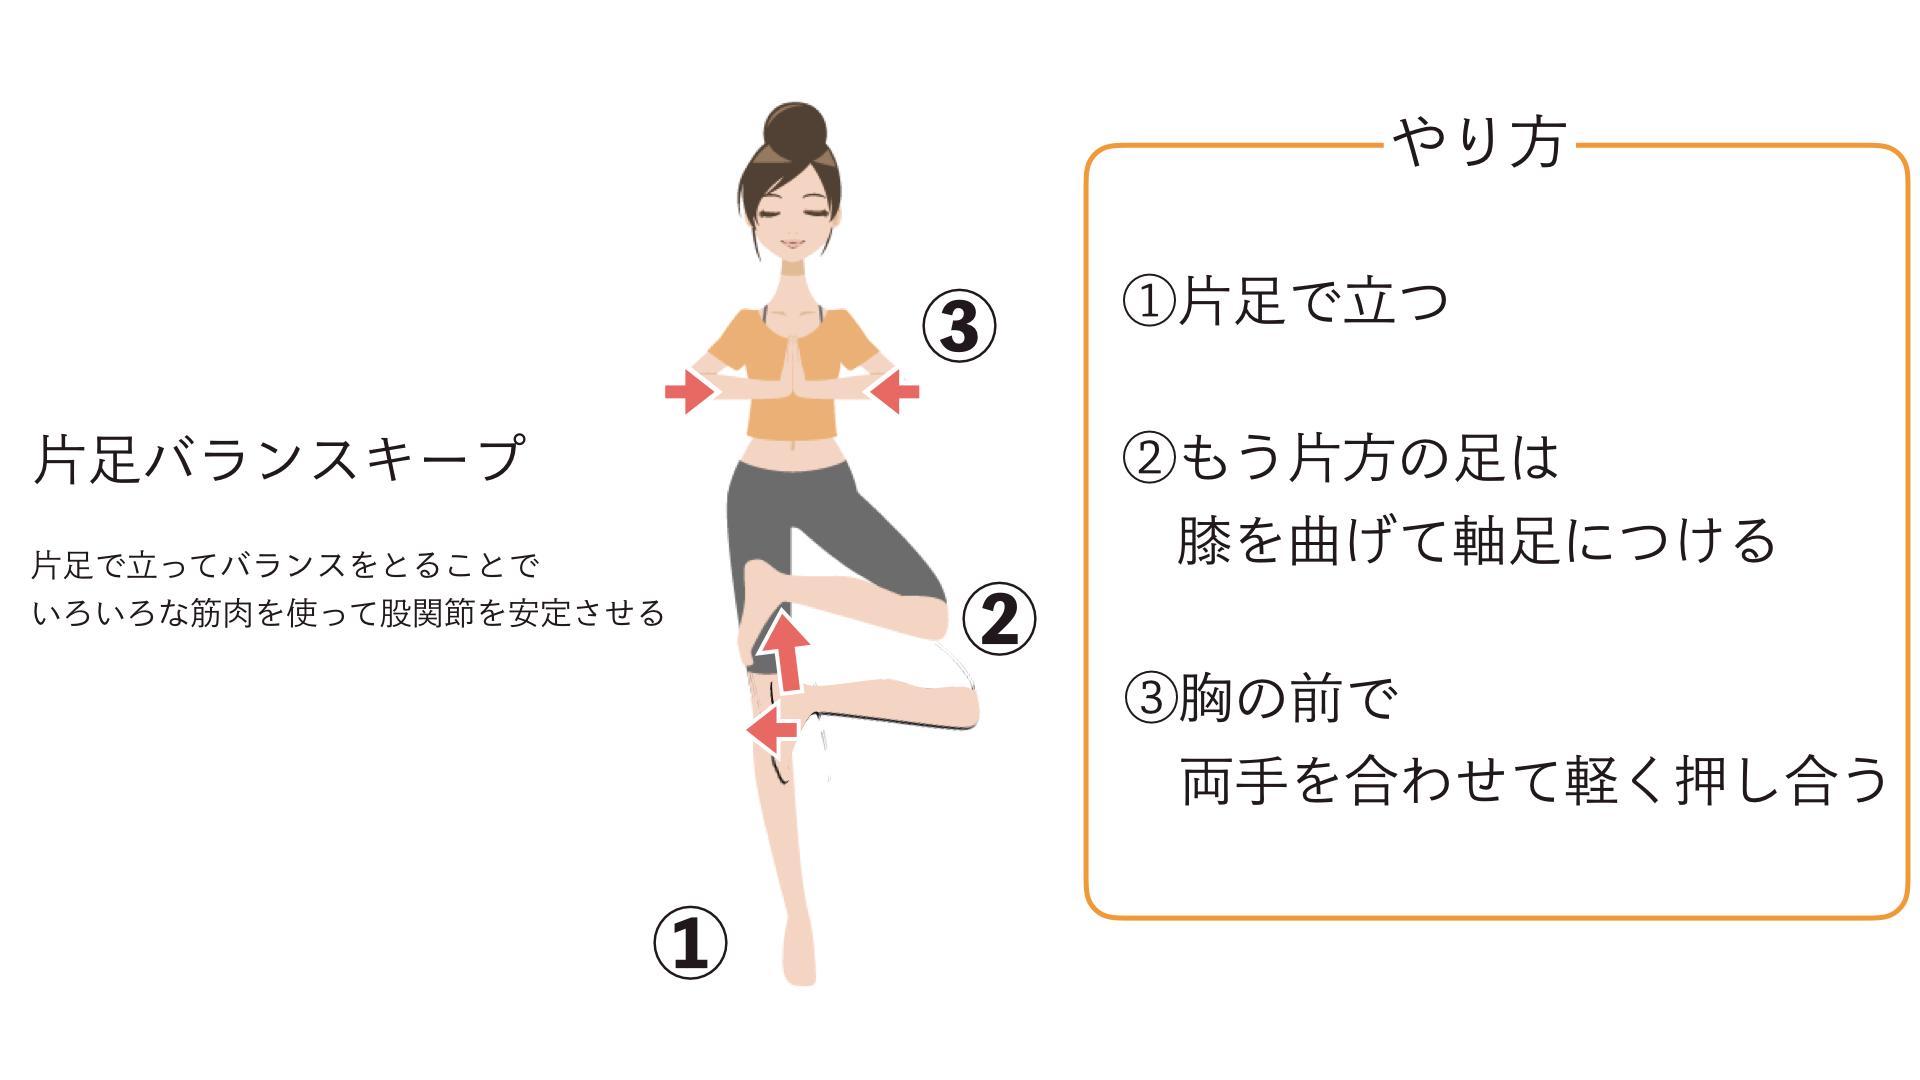 股関節の治療法 片足立ち